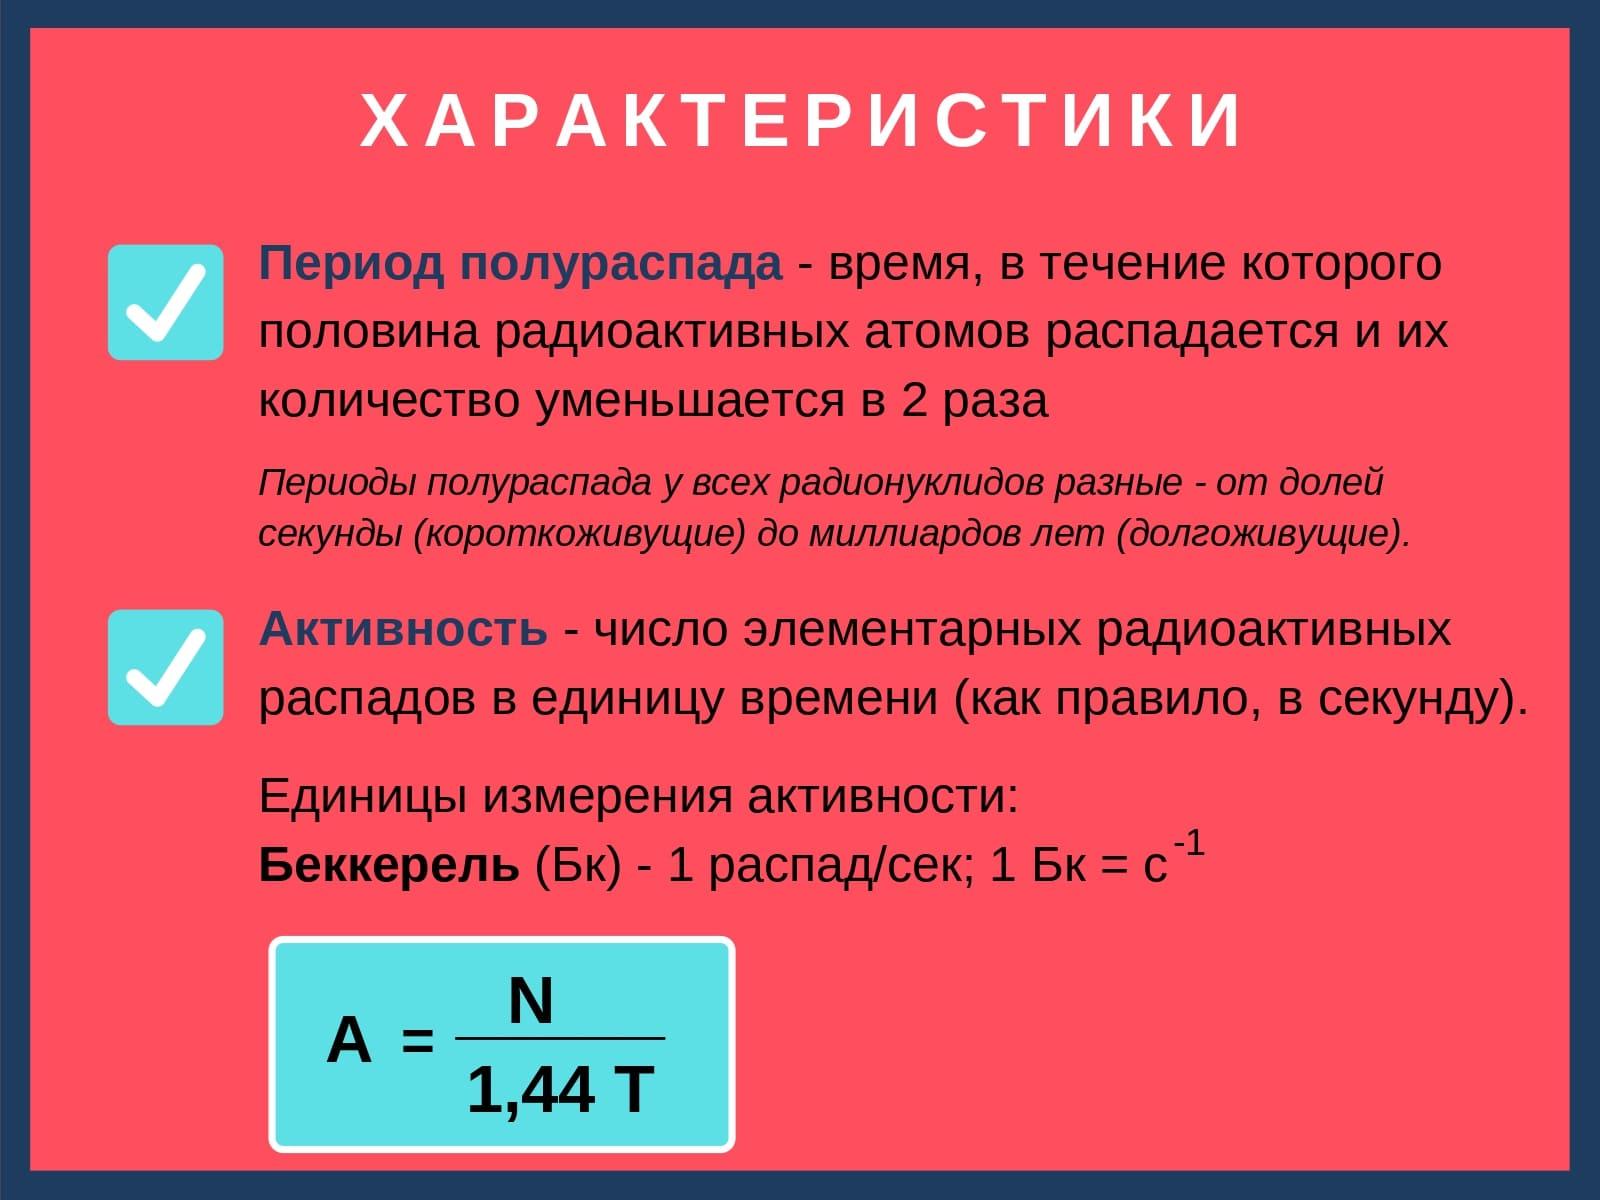 характеристики радиоактивного распада